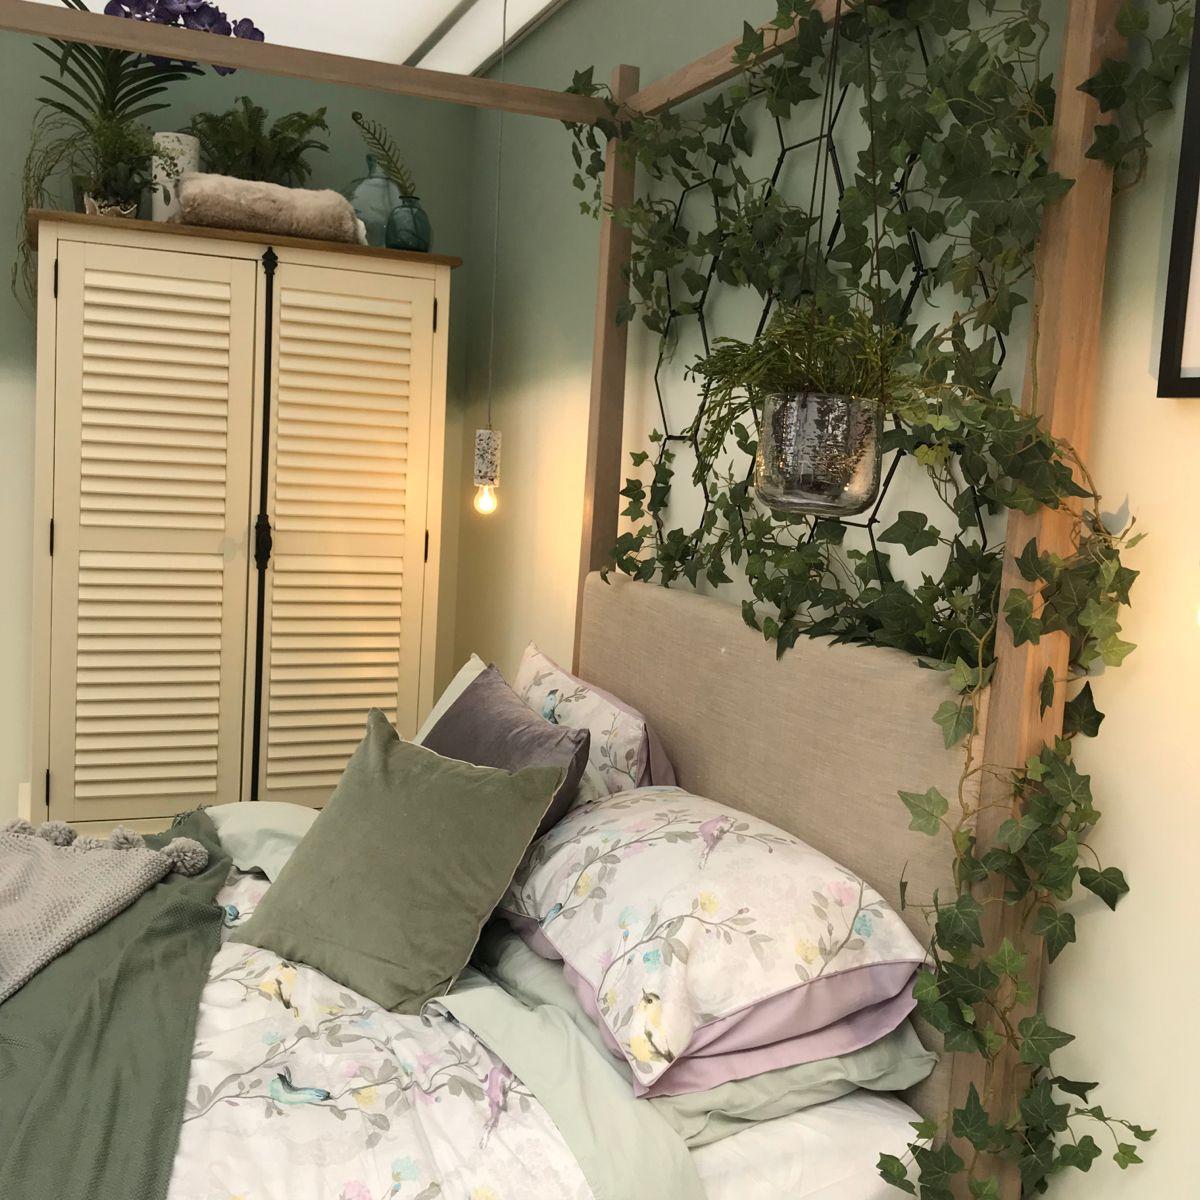 Beautiful bedroom, green tones with blush pinks and neutrals. Bedroom inspiration #bedroom #bedroominspiration #interiors #interiordesigner